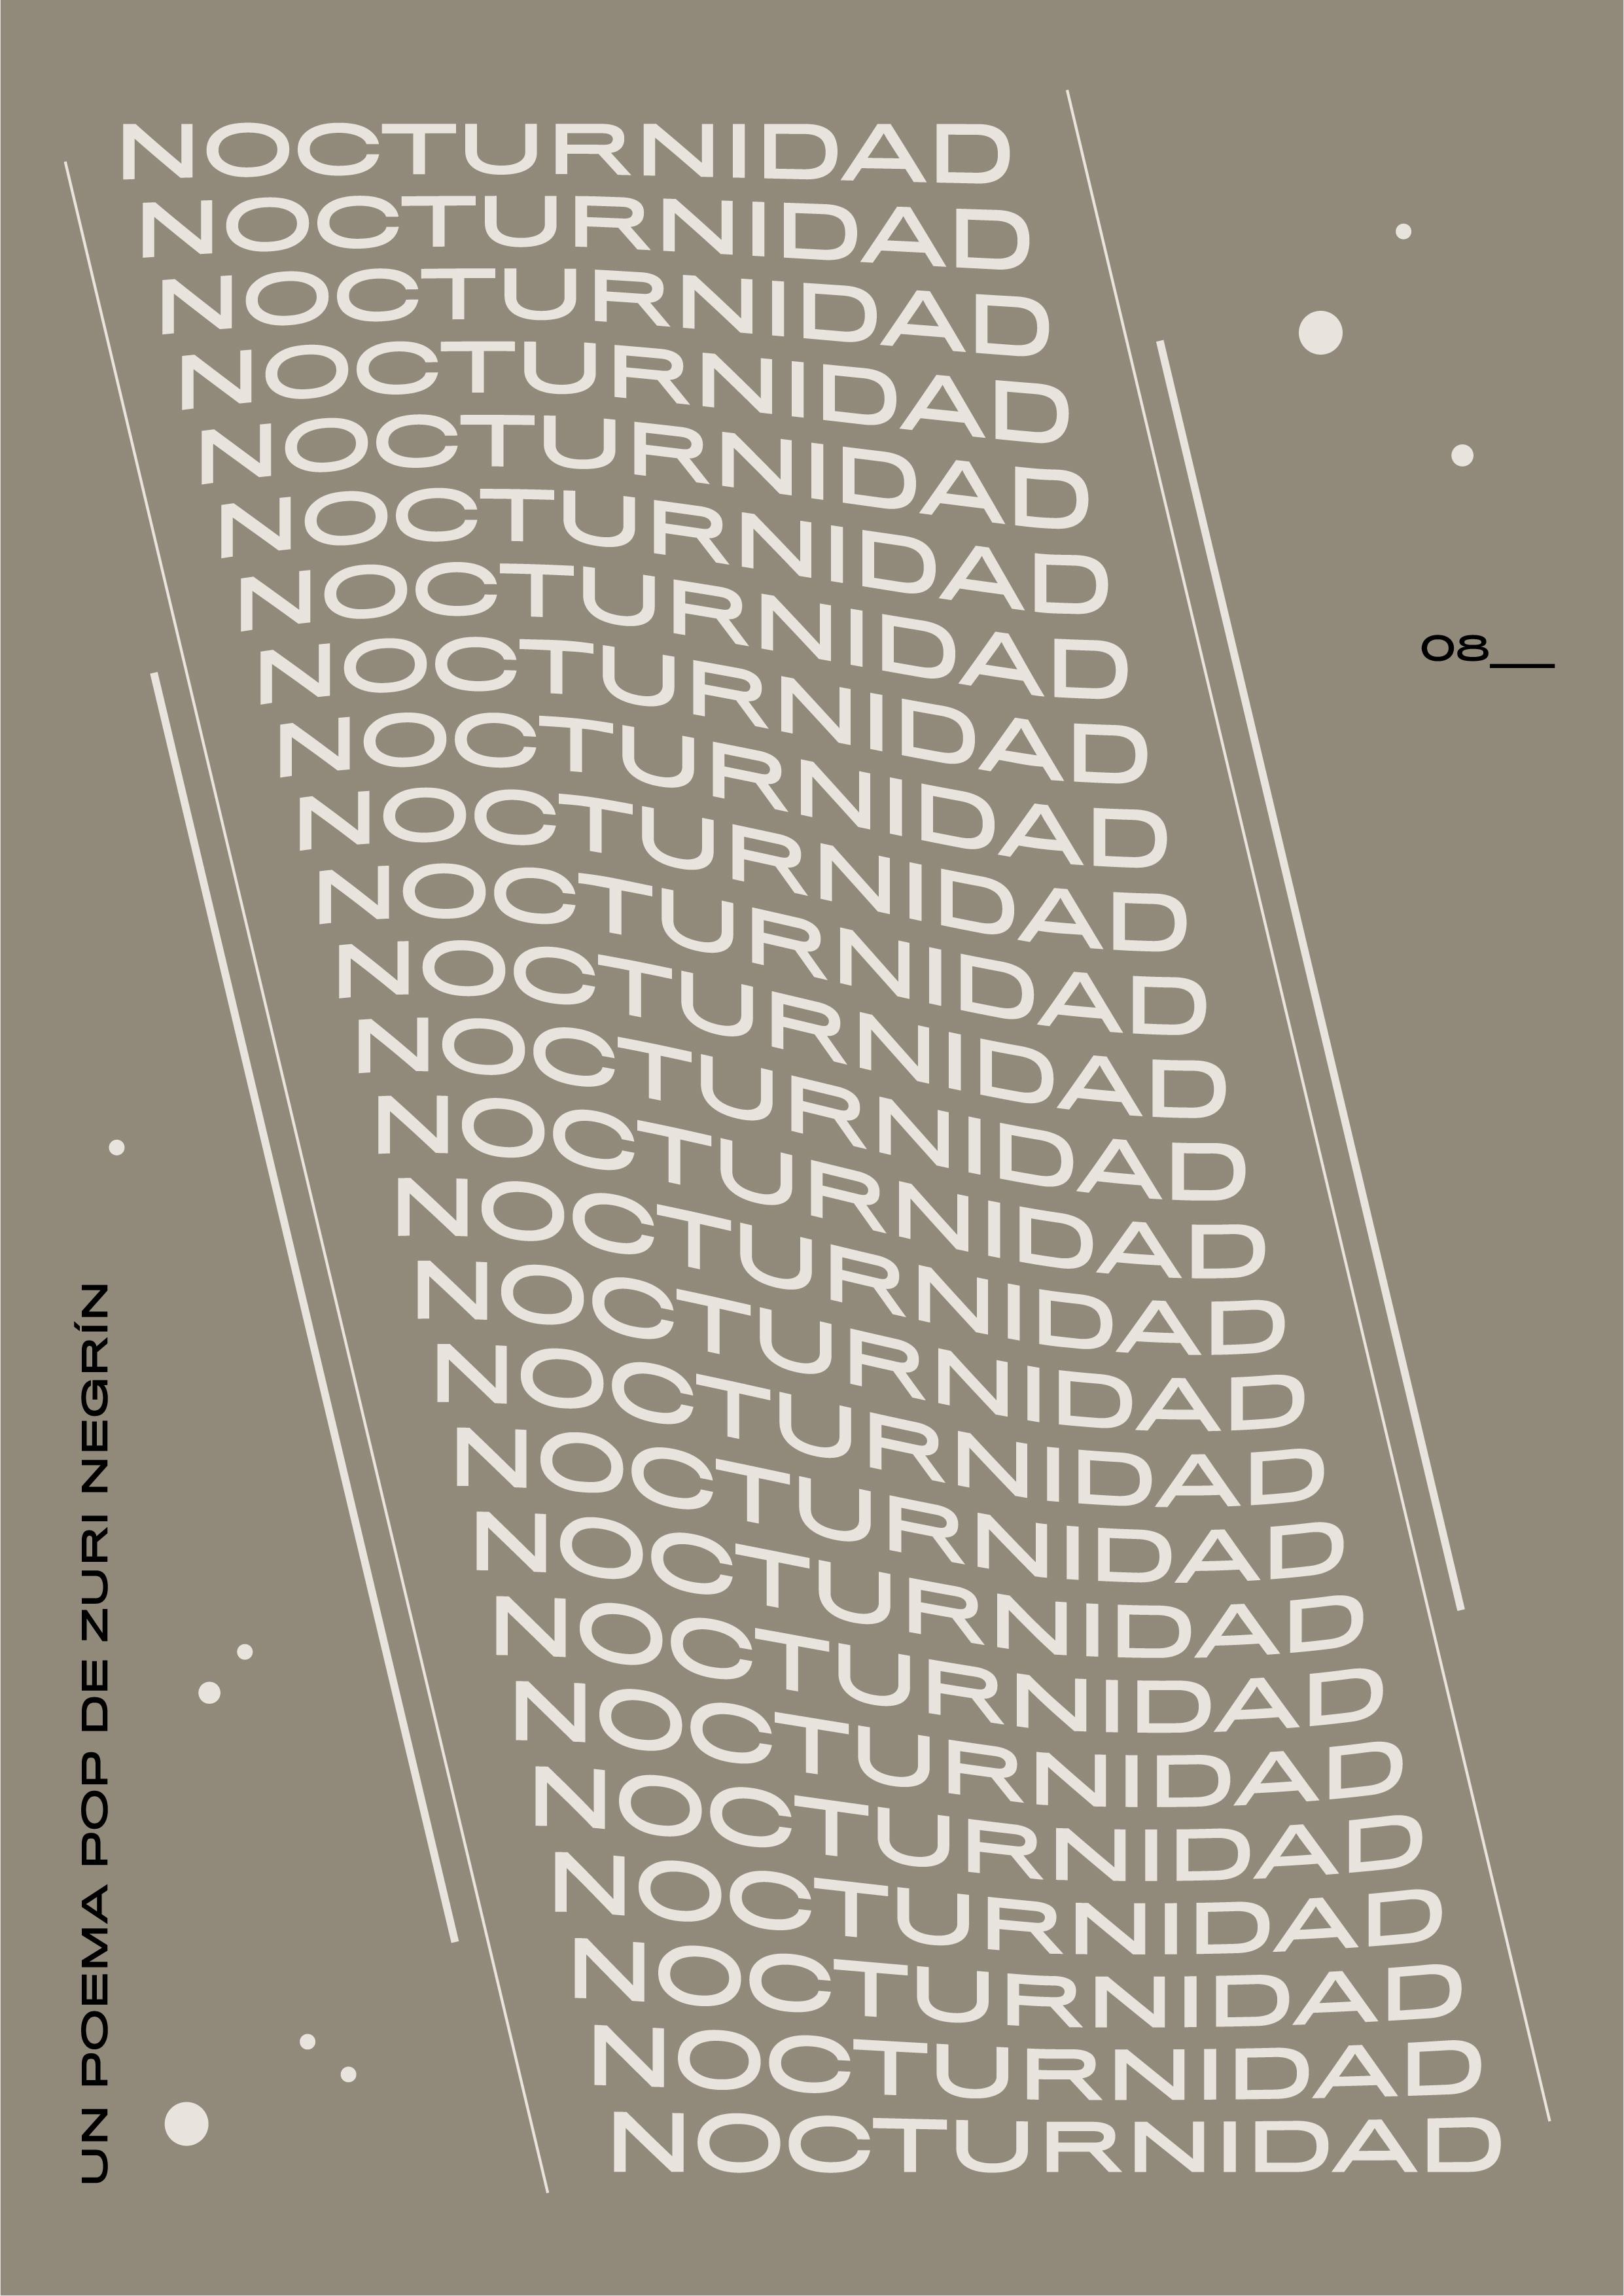 POP_08 Nocturnidad